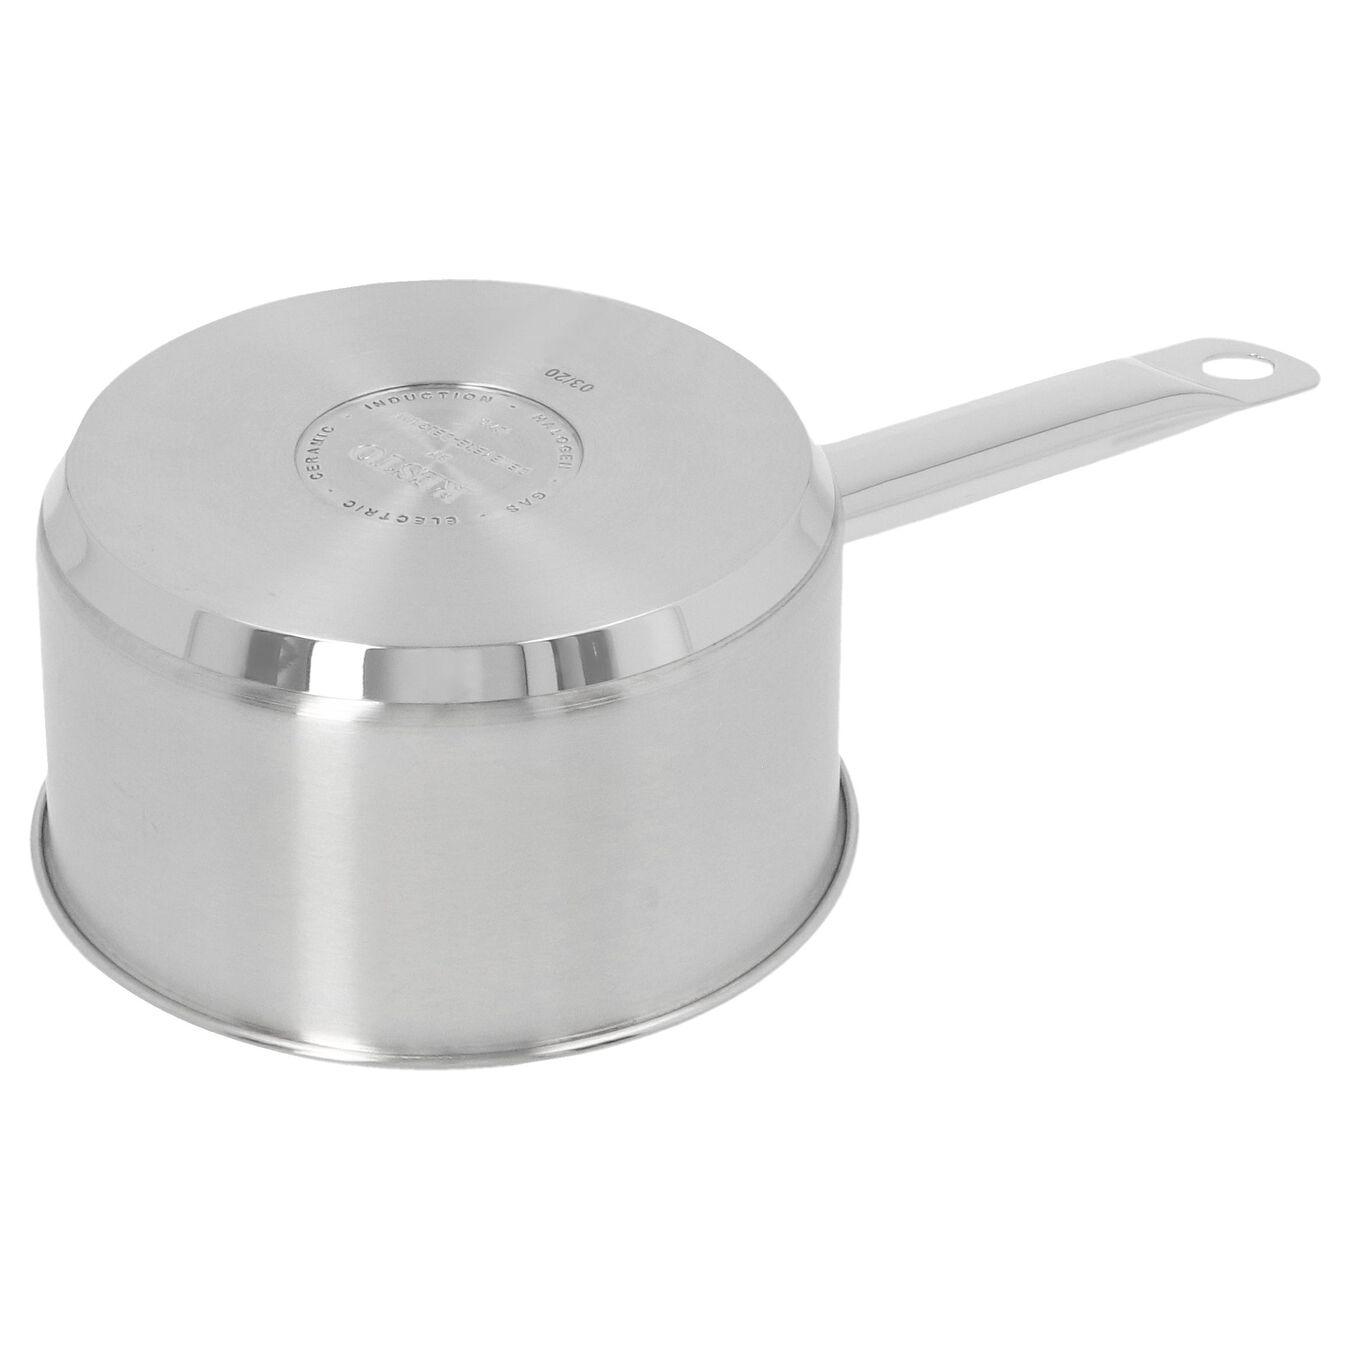 Steelpan met deksel 14 cm / 1 l,,large 5